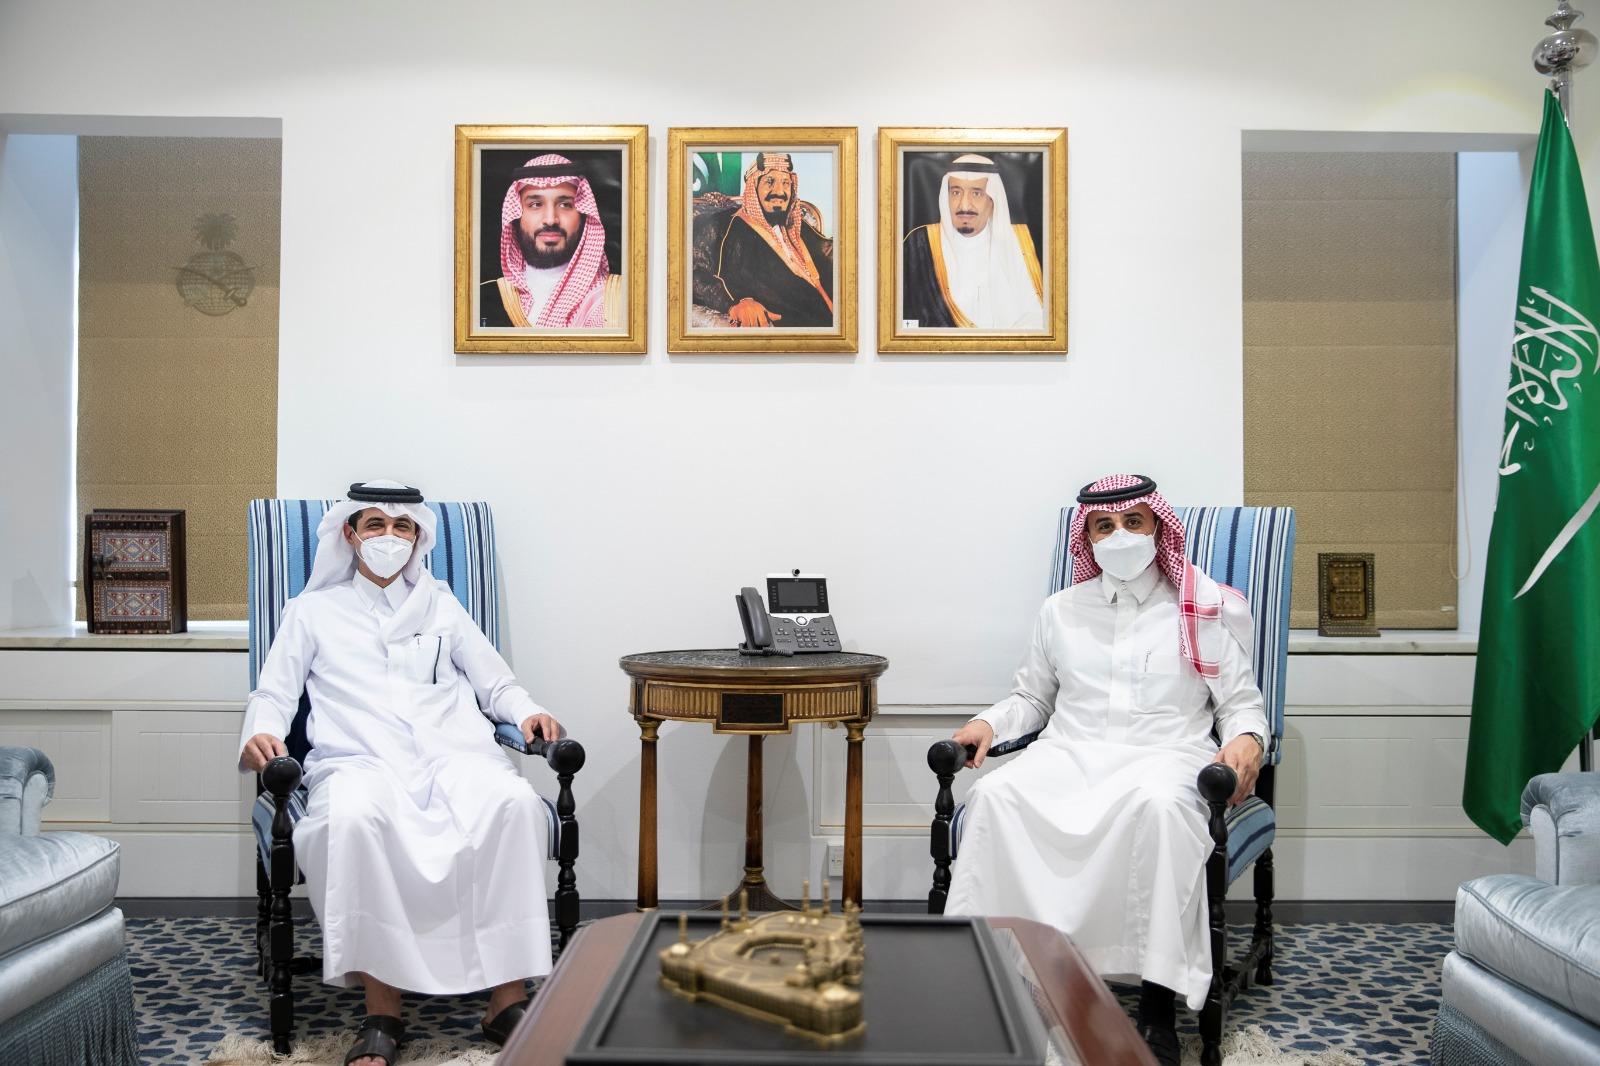 وكيل وزارة الخارجية السعودية يجتمع مع القائم بالأعمال القطري